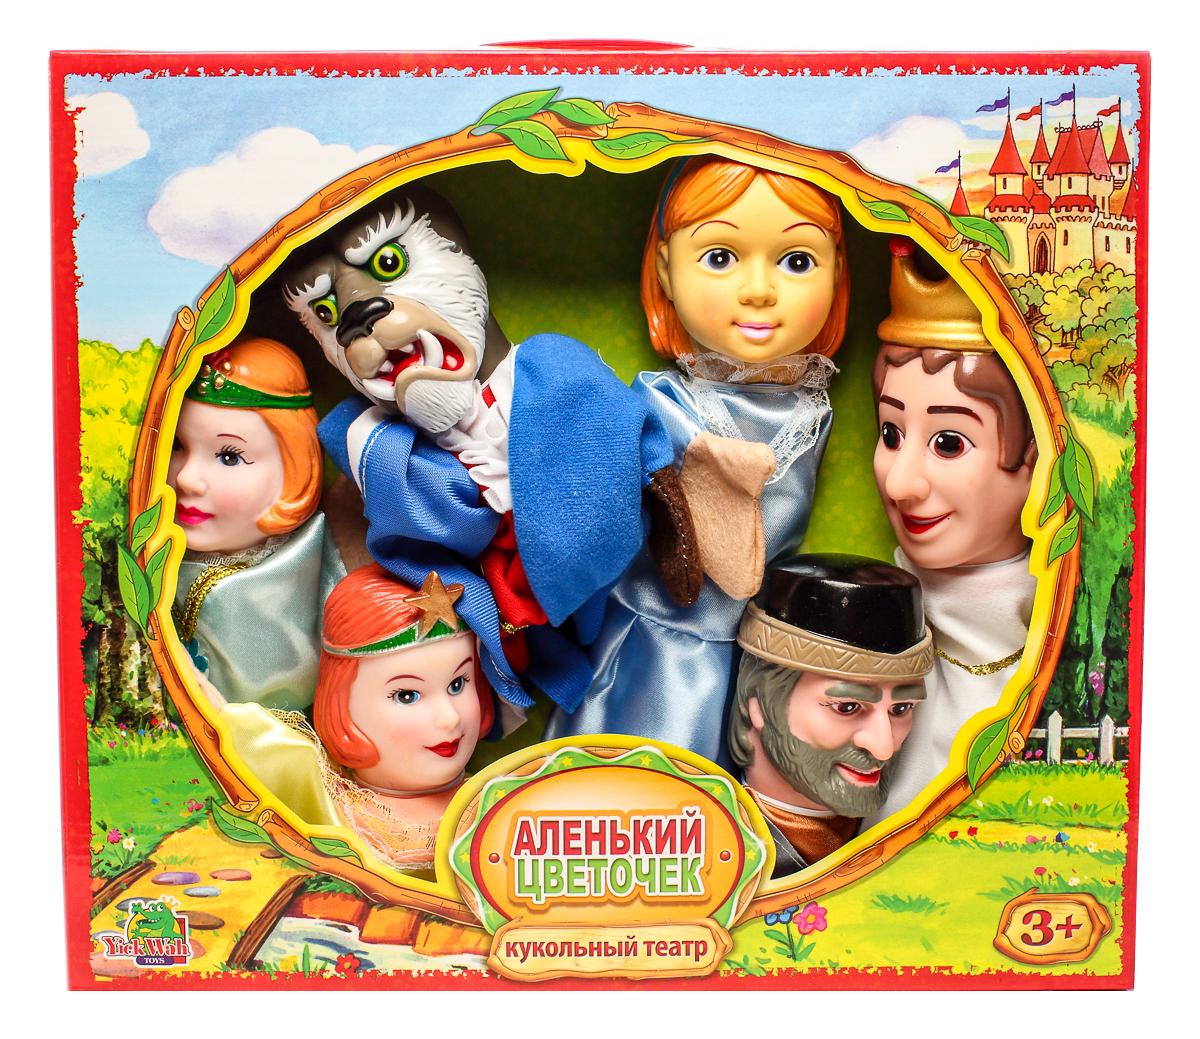 Yick Wah Кукольный театр Аленький веточек7128S/8Кукольный театр создан на основе всем известной сказки.Набор состоит из 6-и кукол-марионеток большого размера,одевающихся на кисть руки.Куклы обладают высокой прочностью,безопасностью.Доставляют малышам масс приятных и радостных эмоций